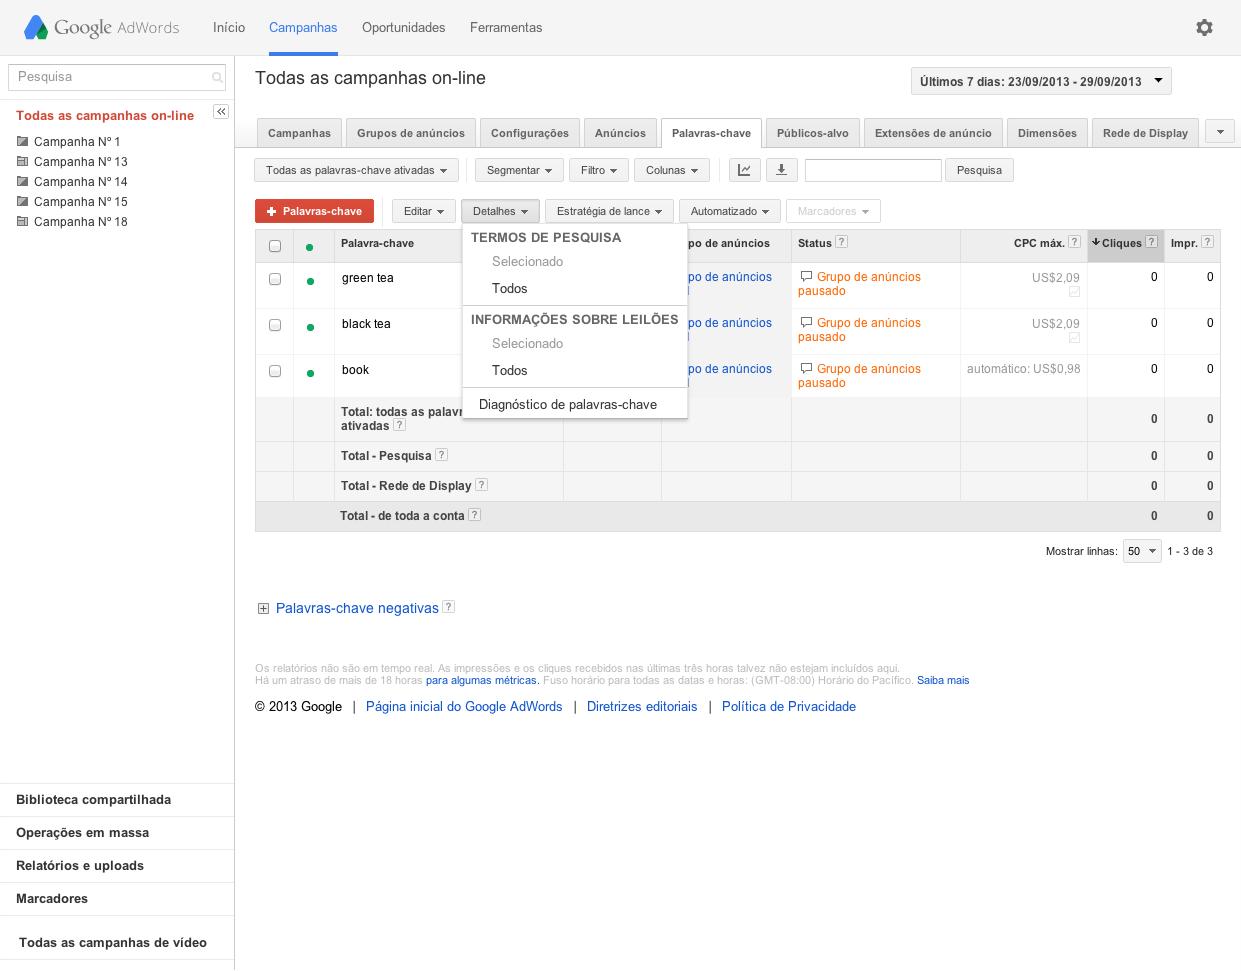 Relatório termo de pesquisa ao anunciar no Google